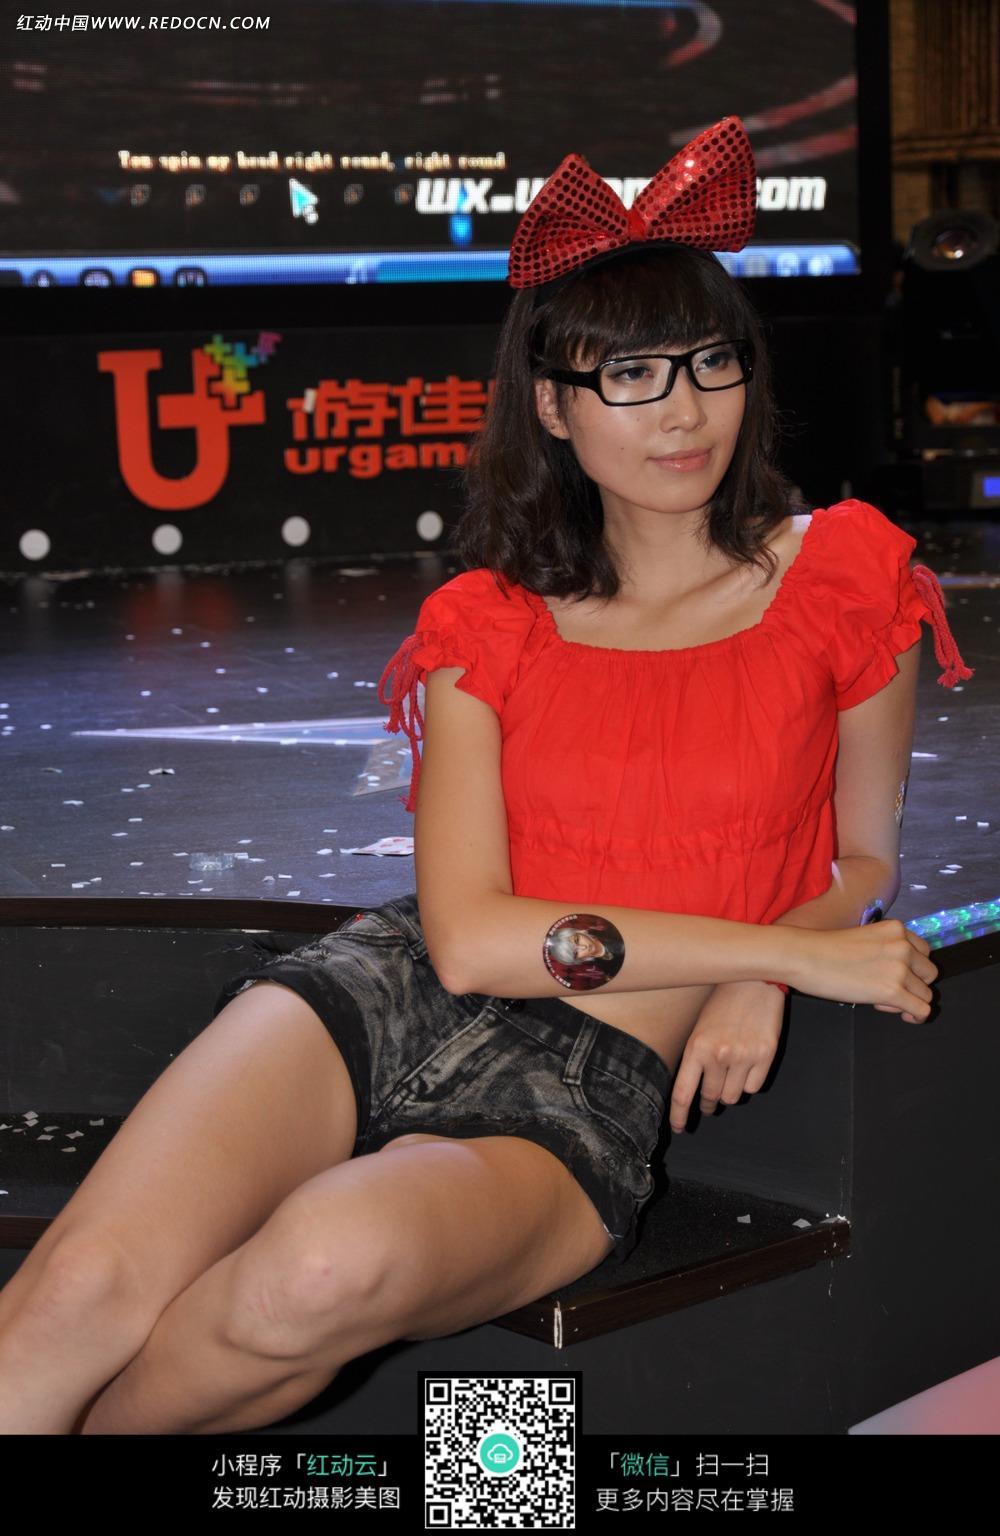 戴眼镜的短发女孩图片 高清图片